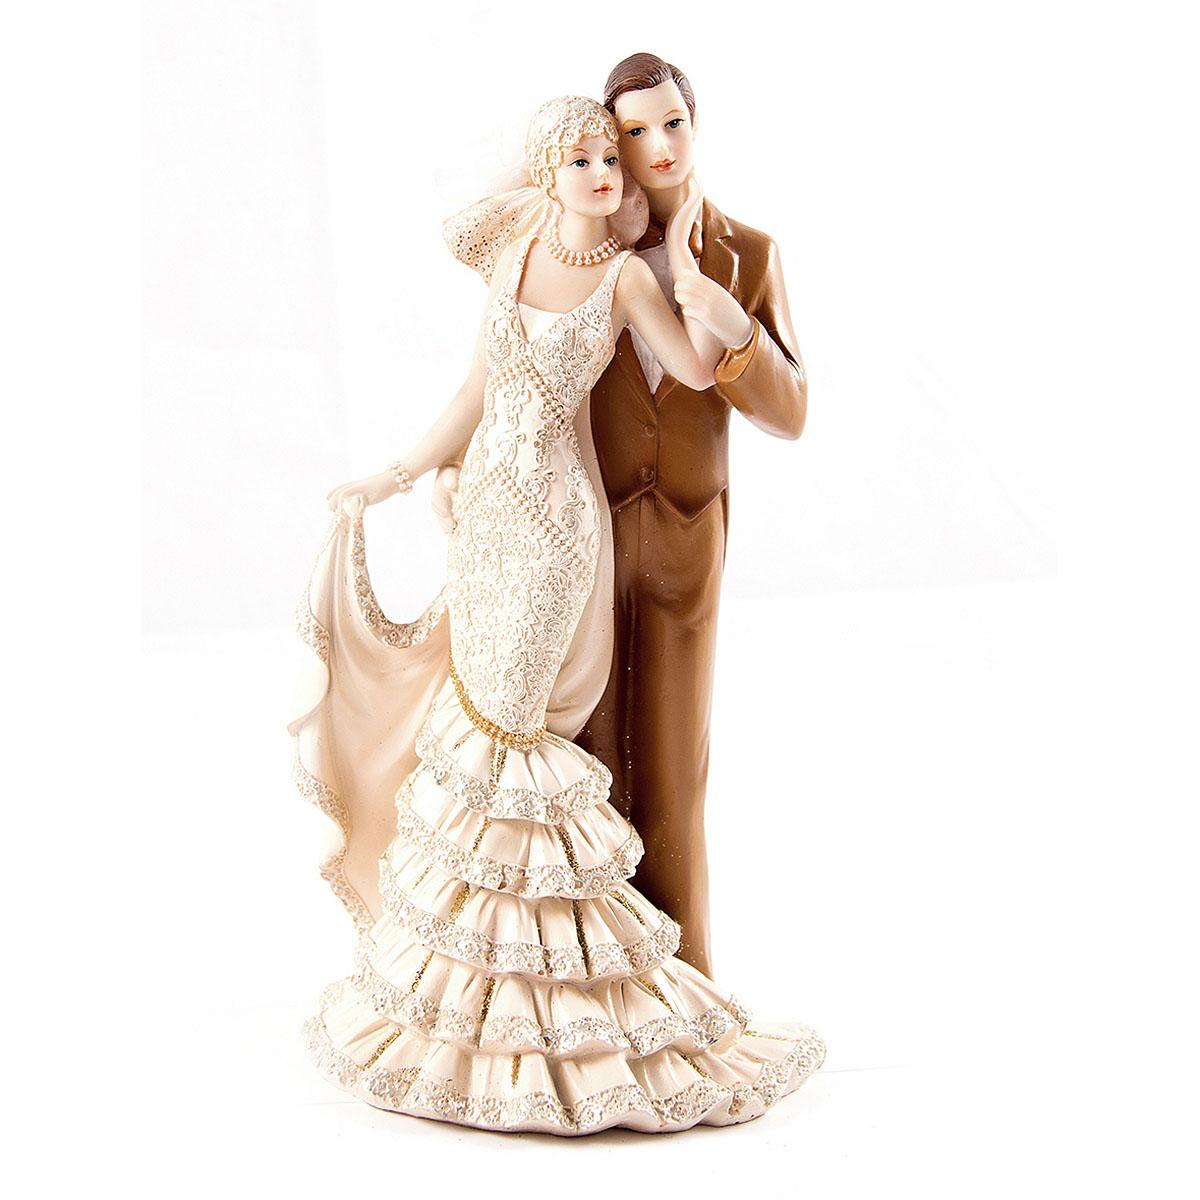 Статуэтка Русские Подарки Влюбленные, 13 х 11 х 22 см74-0060Статуэтка Русские Подарки Влюбленные, изготовленная изполистоуна, имеет изысканный внешний вид. Изделие станет прекрасным украшением интерьерагостиной, офиса или дома. Вы можете поставить статуэтку влюбое место, где она будет удачно смотреться и радоватьглаз. Правила ухода: регулярно вытирать пыль сухой, мягкой тканью.